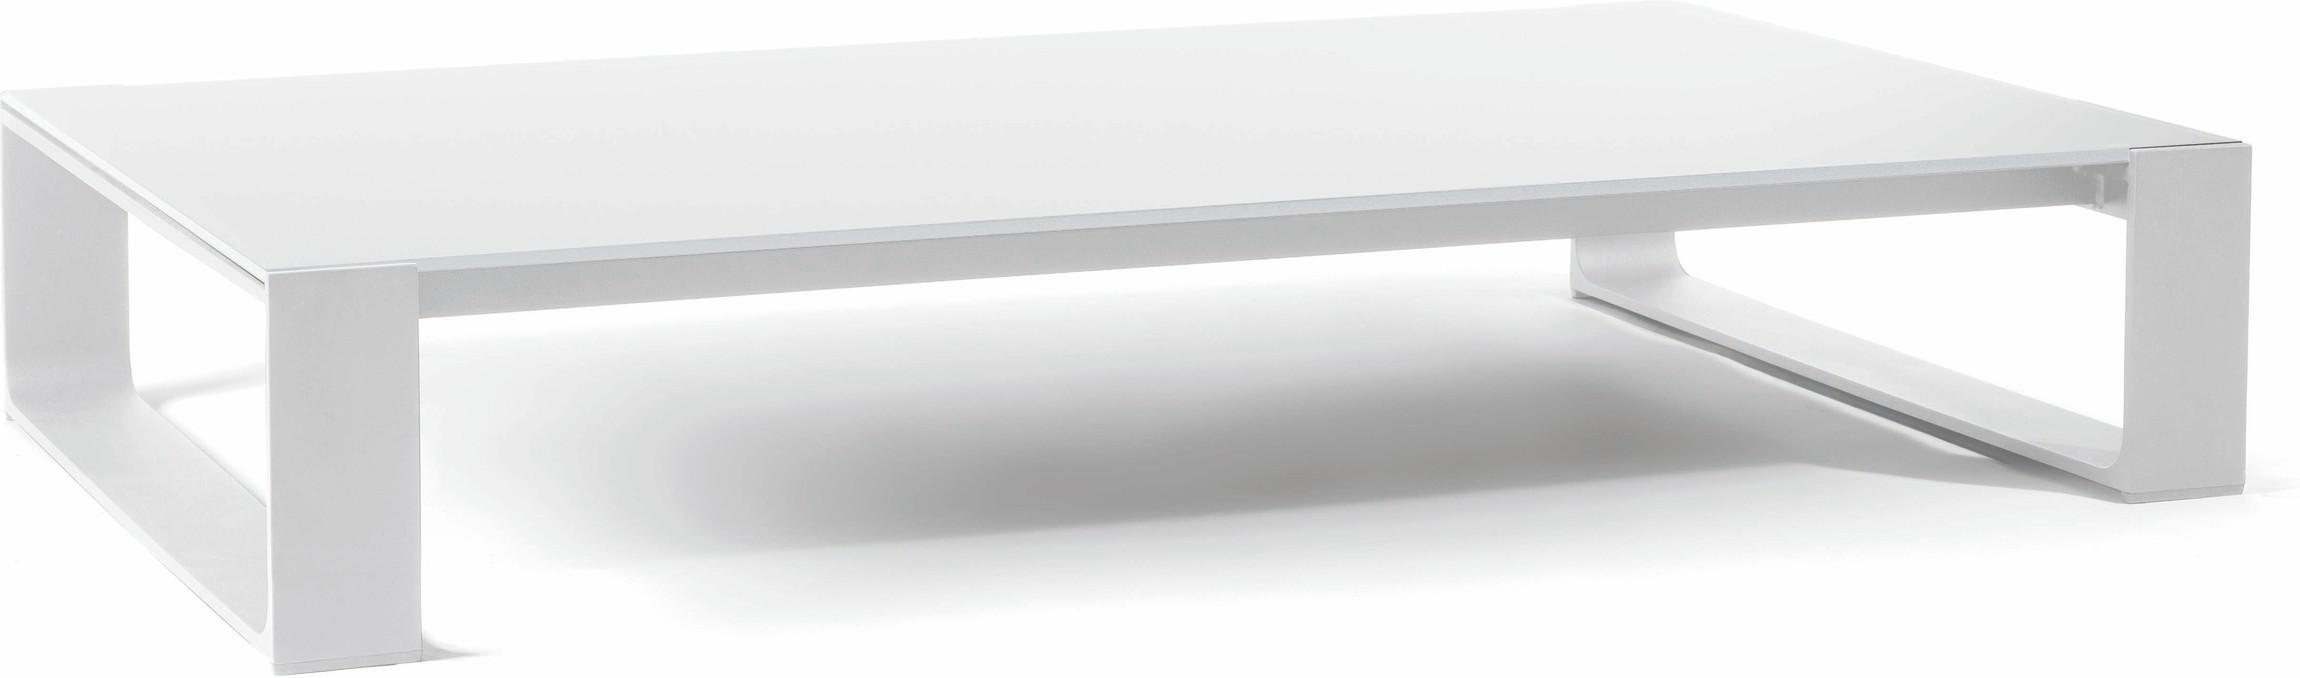 Prato coffee table - white - CW 150